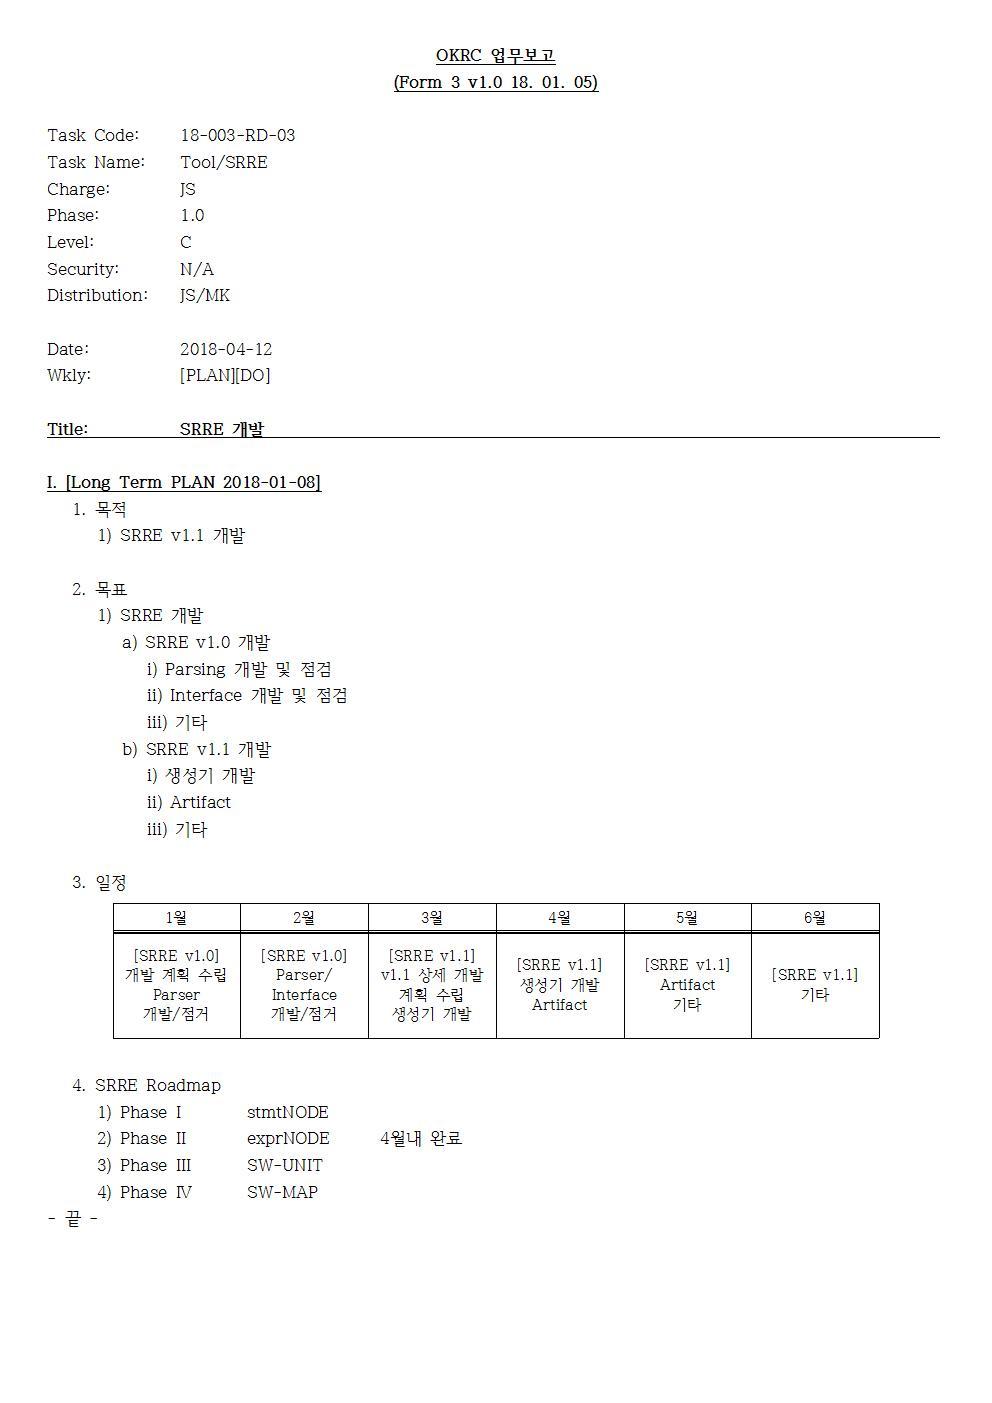 D-[18-003-RD-03]-[SRRE]-[2018-04-13][JS]001.jpg